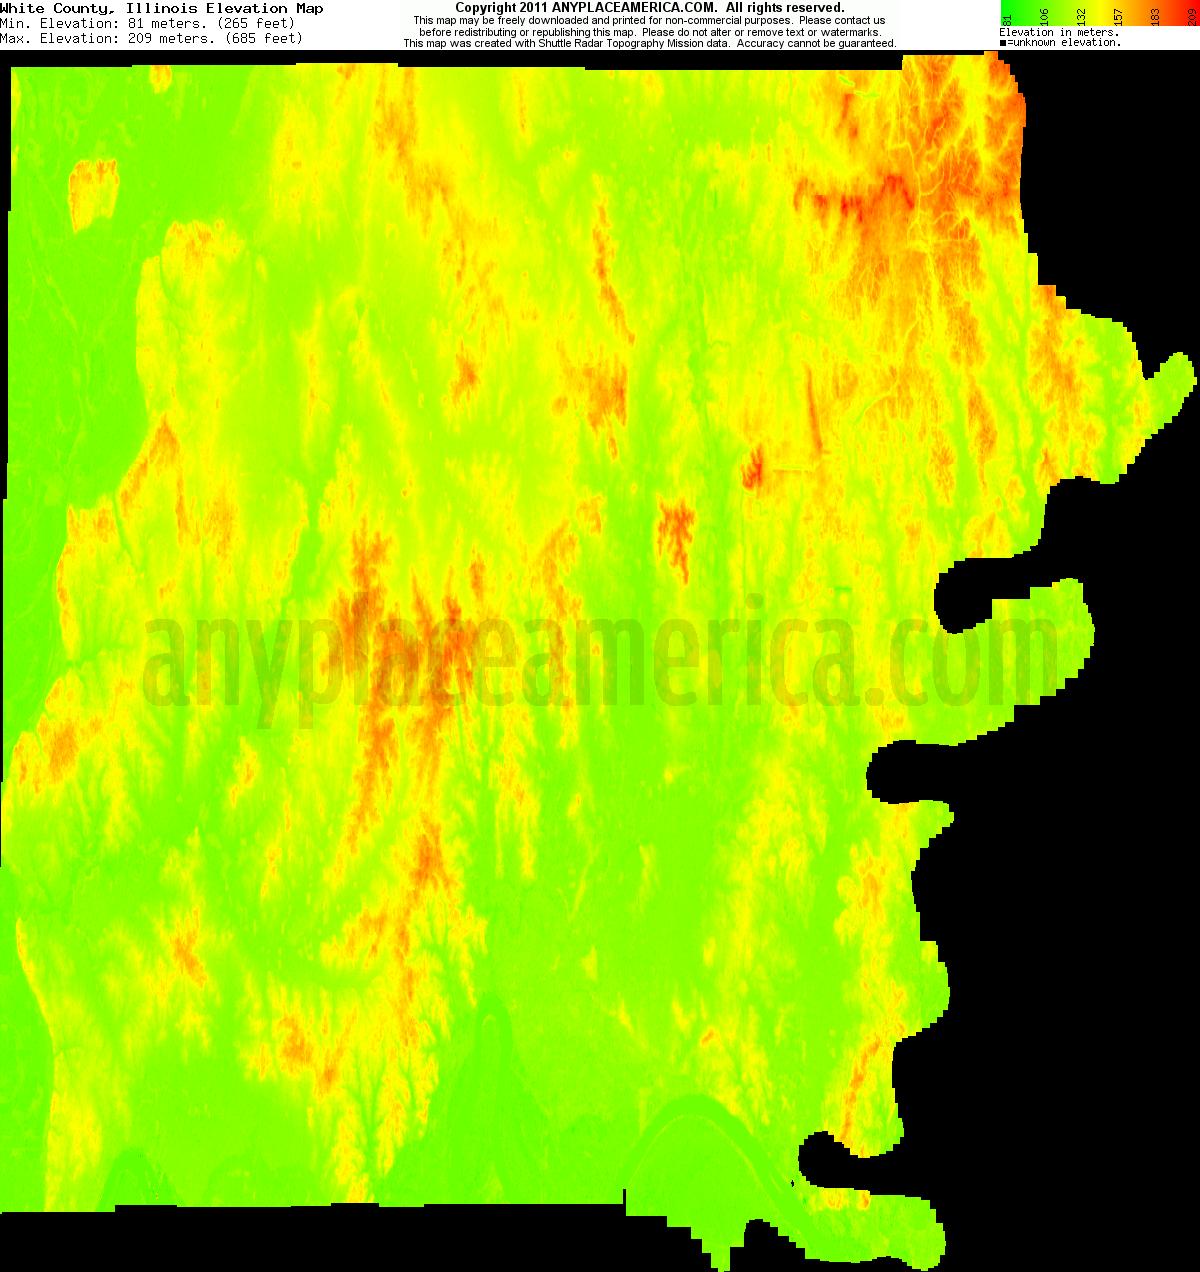 White, Illinois elevation map